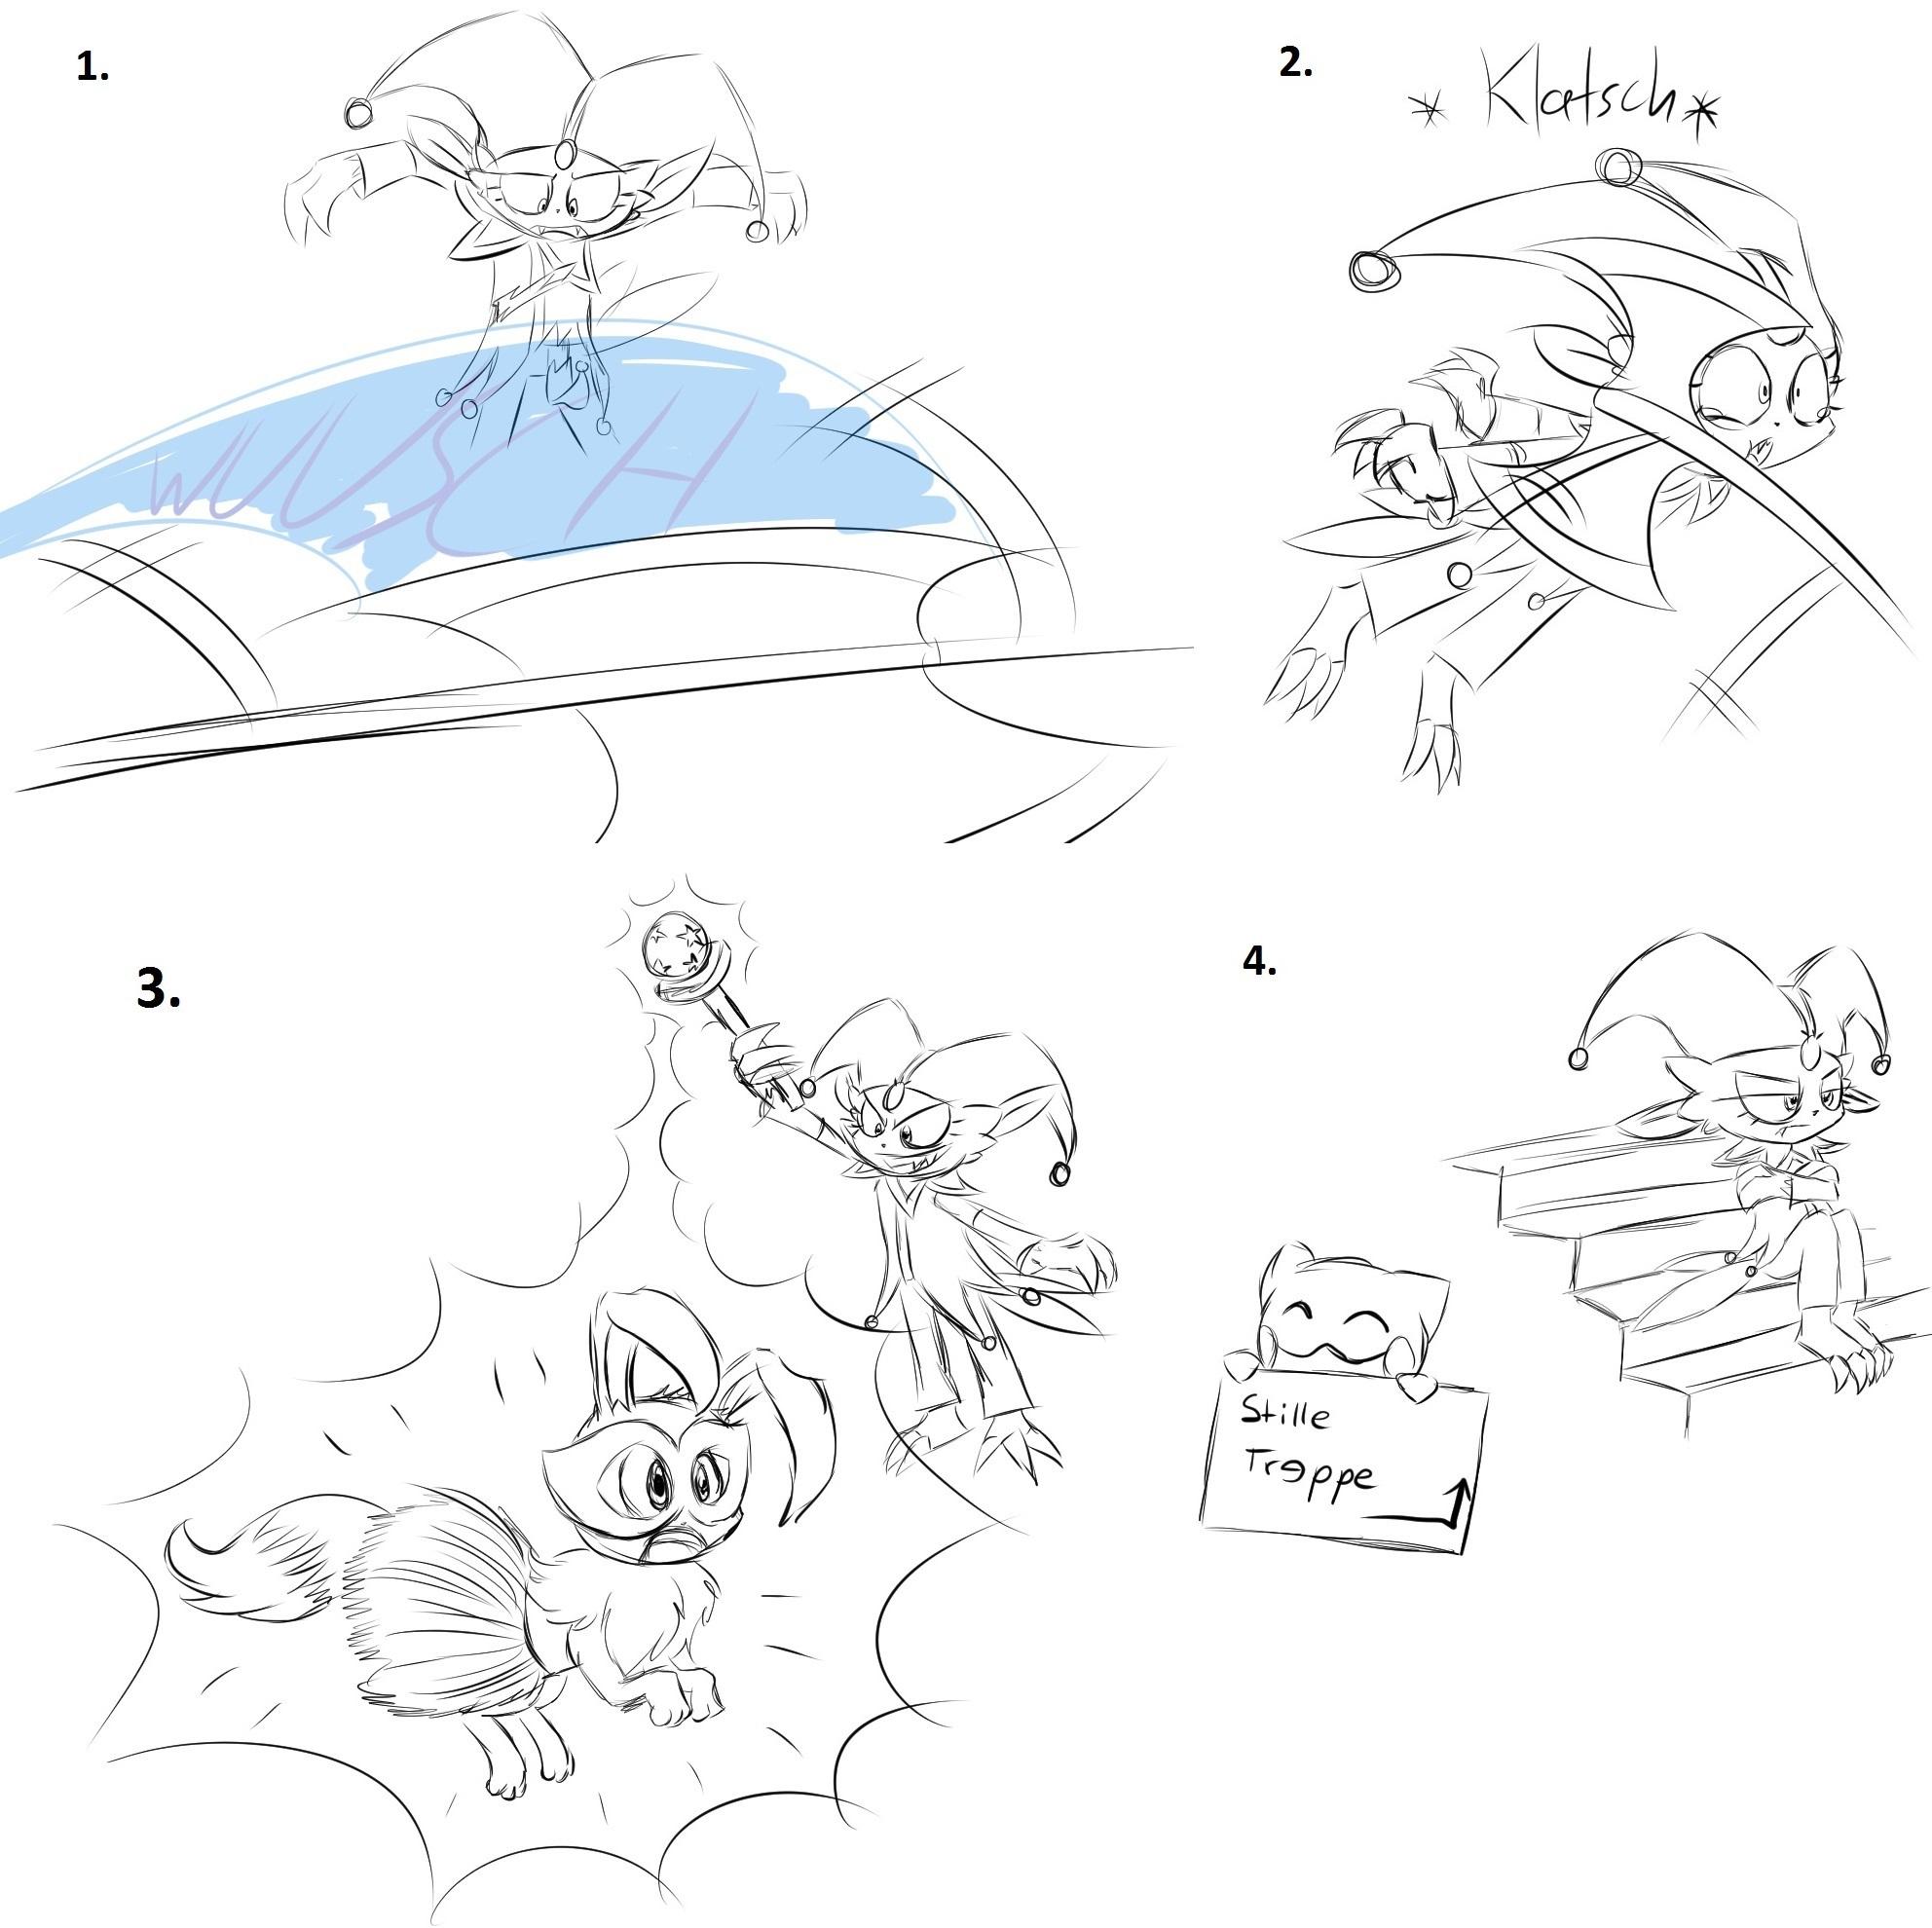 Pokémon-Zeichnung: That escalated quickly